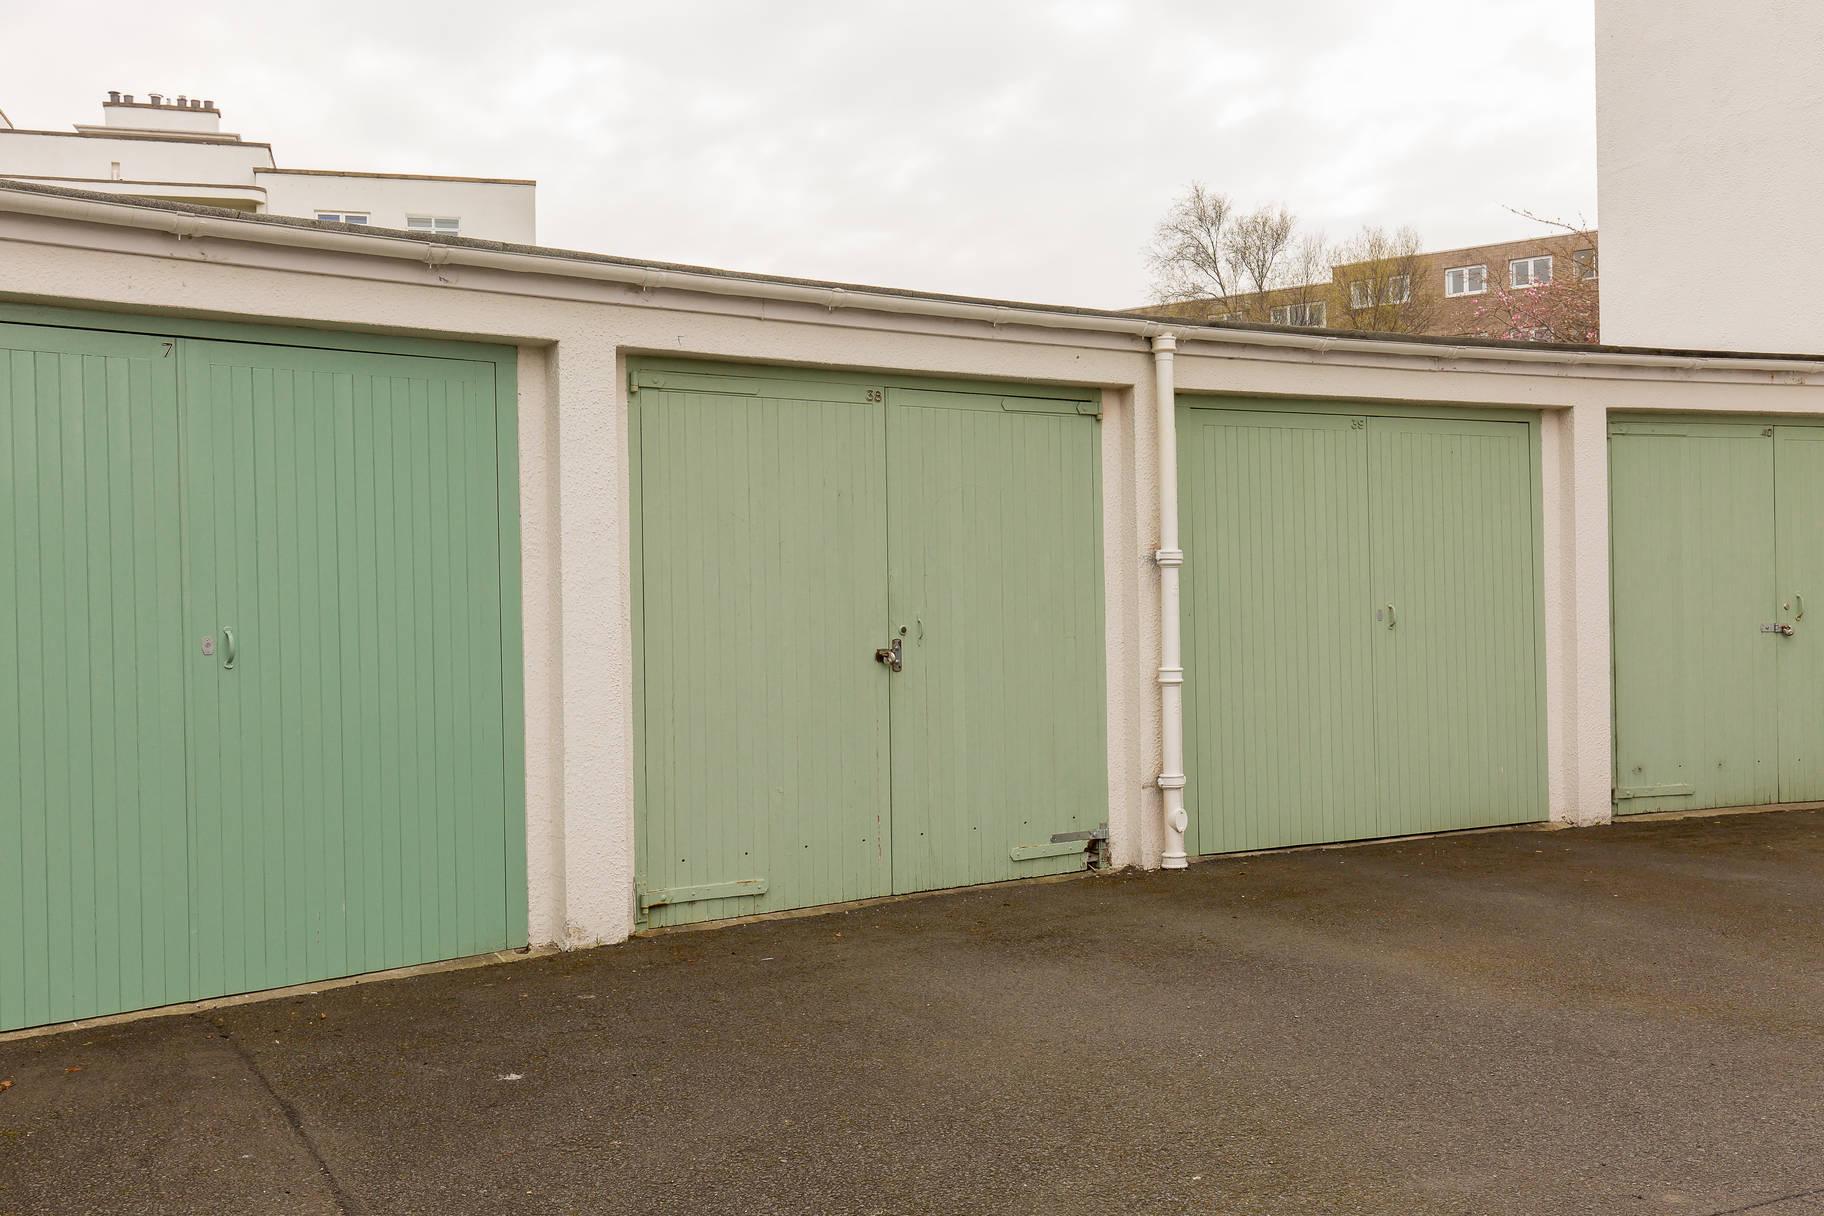 39 Ravelston Garden, Edinburgh, EH4 3LF